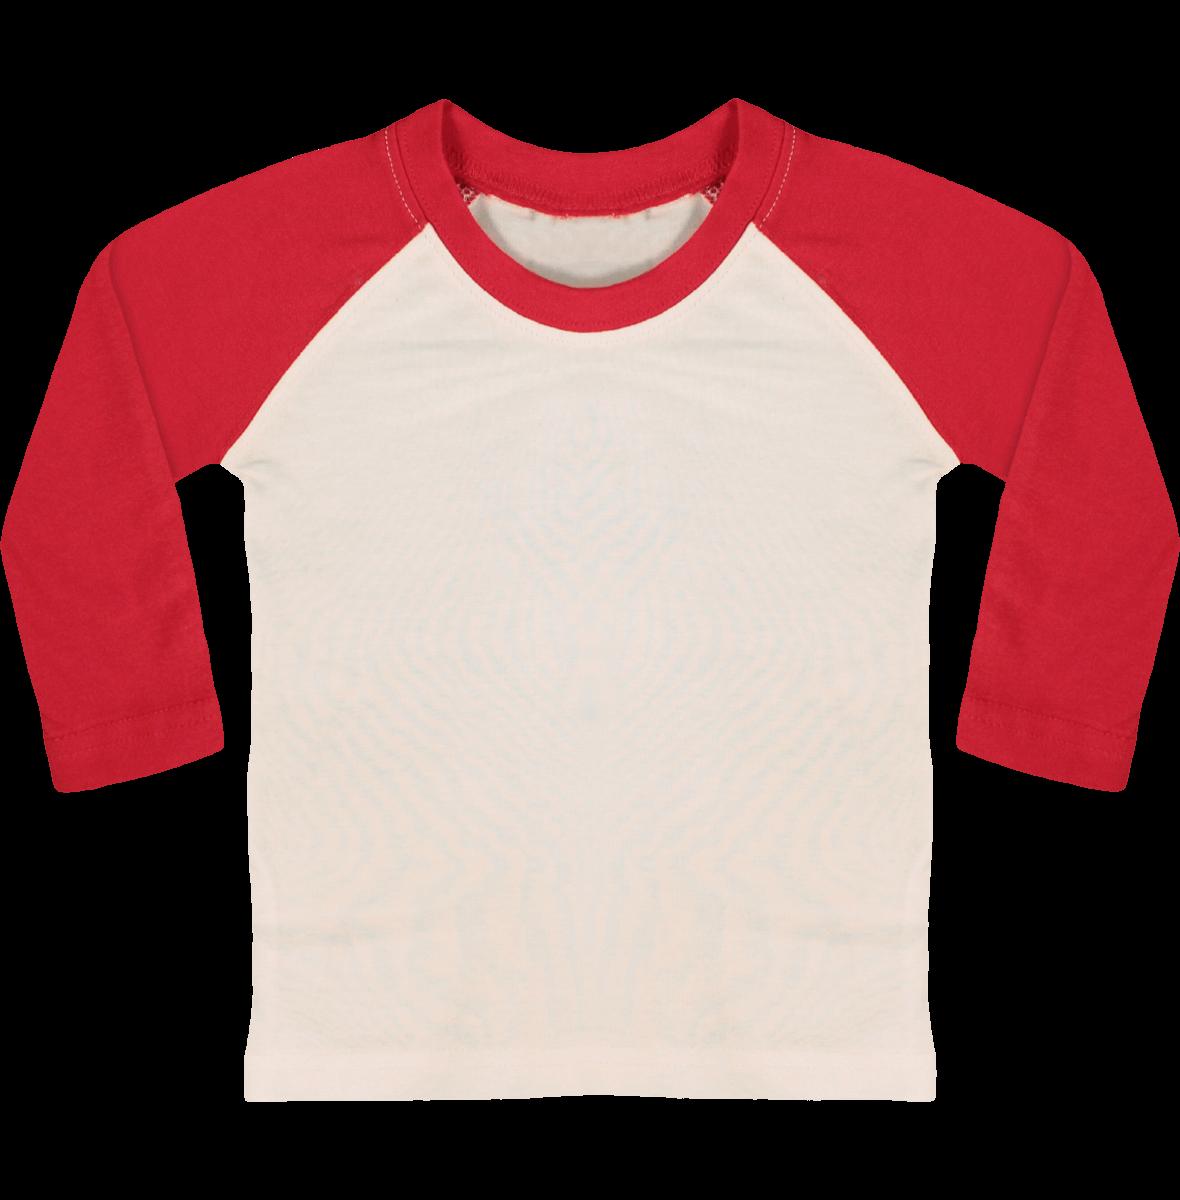 8c6cf811eb841 T-shirt Bébé Baseball Manches Longues